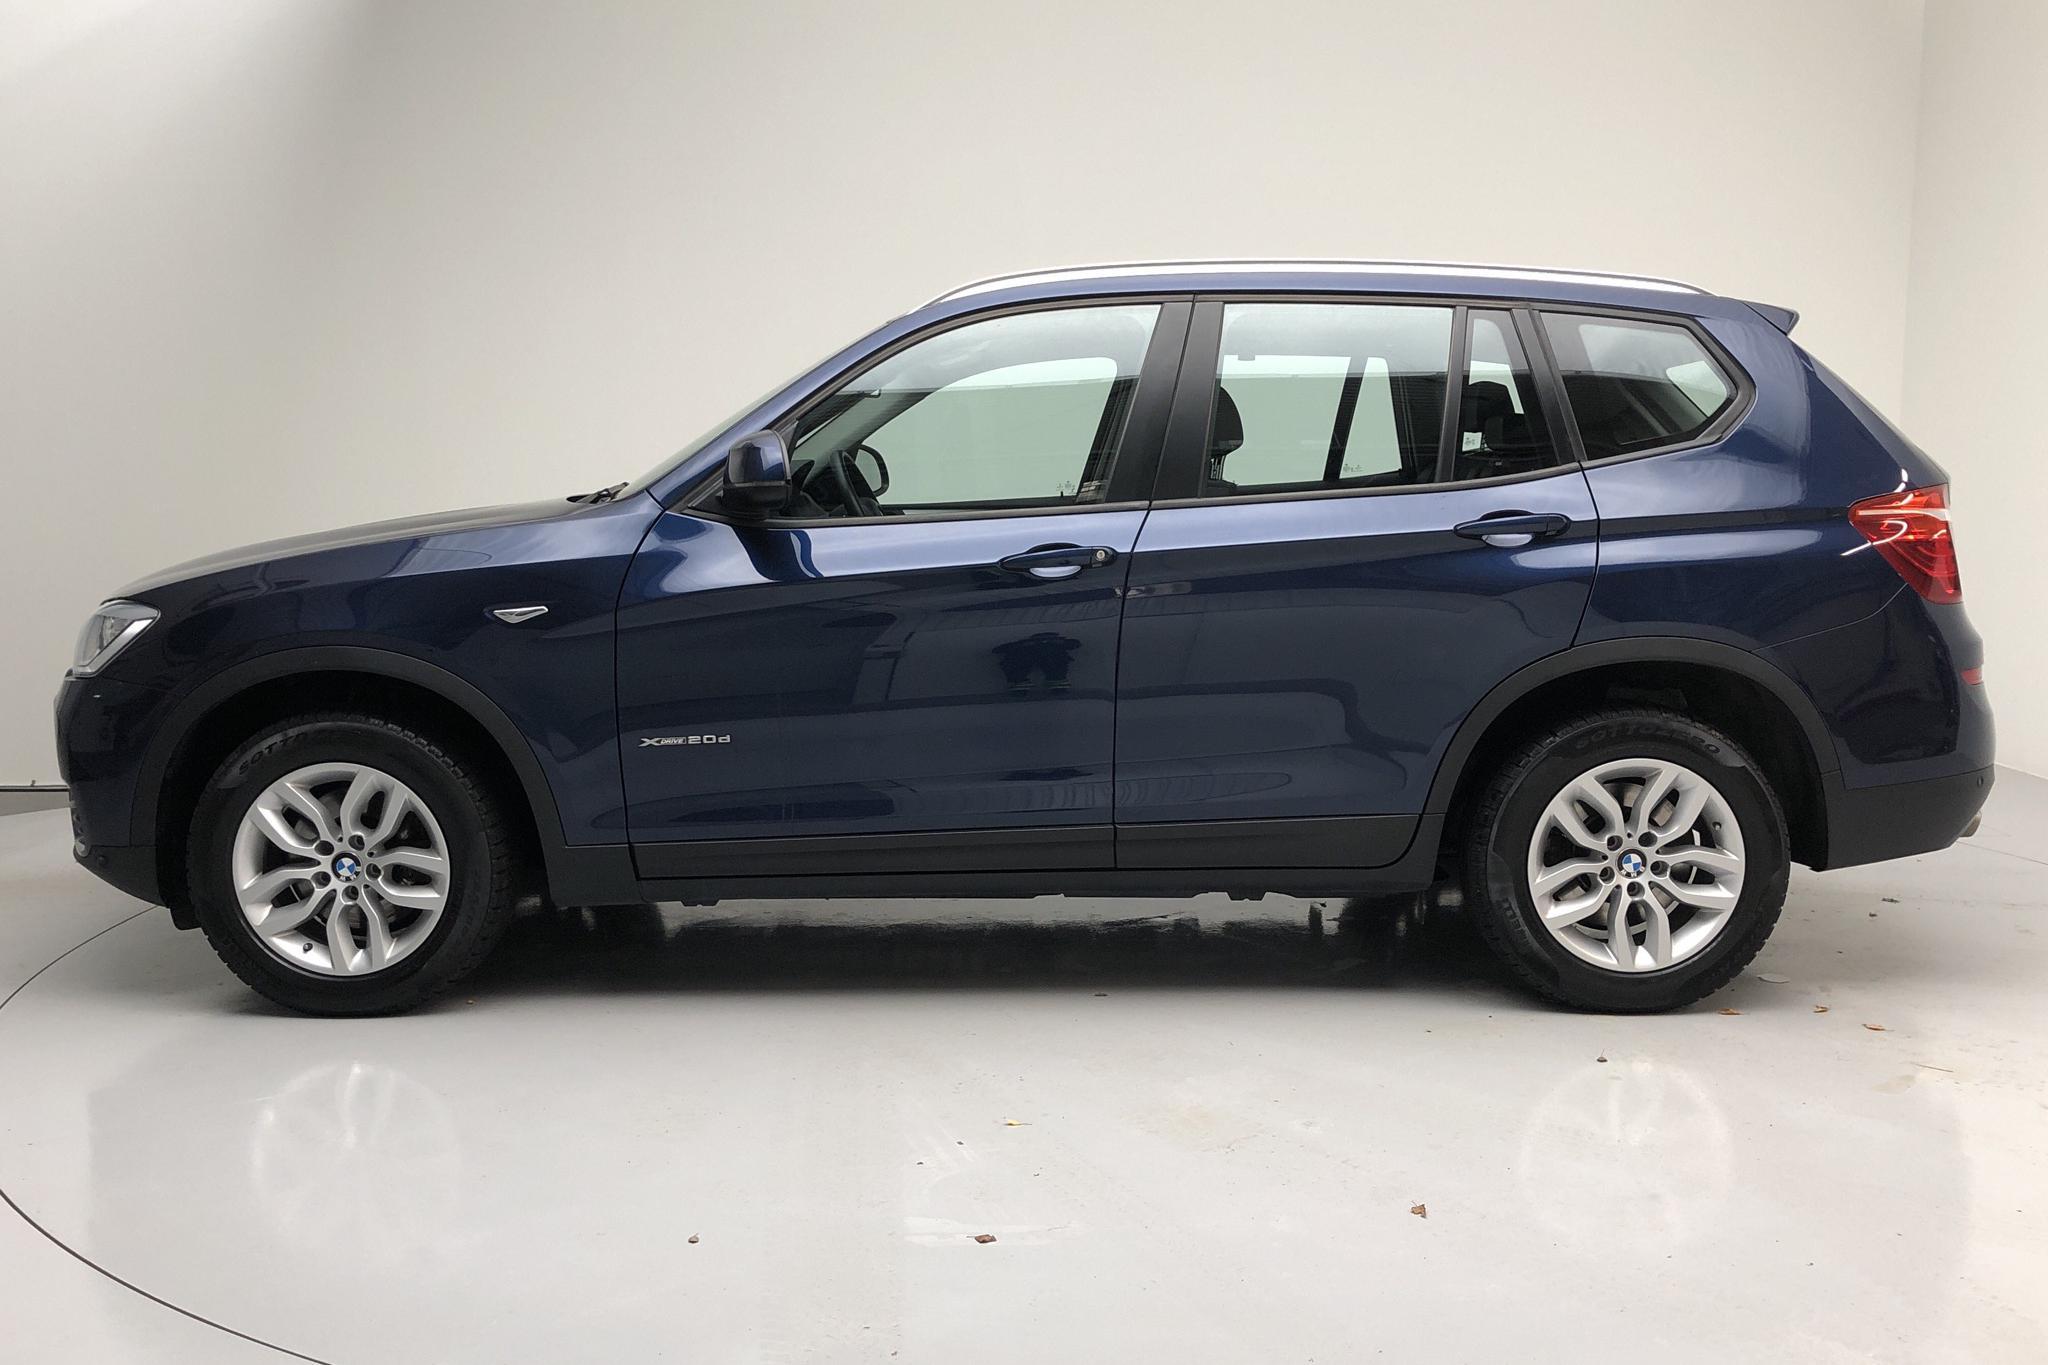 BMW X3 xDrive20d, F25 (190hk) - 57 670 km - Automatic - blue - 2016